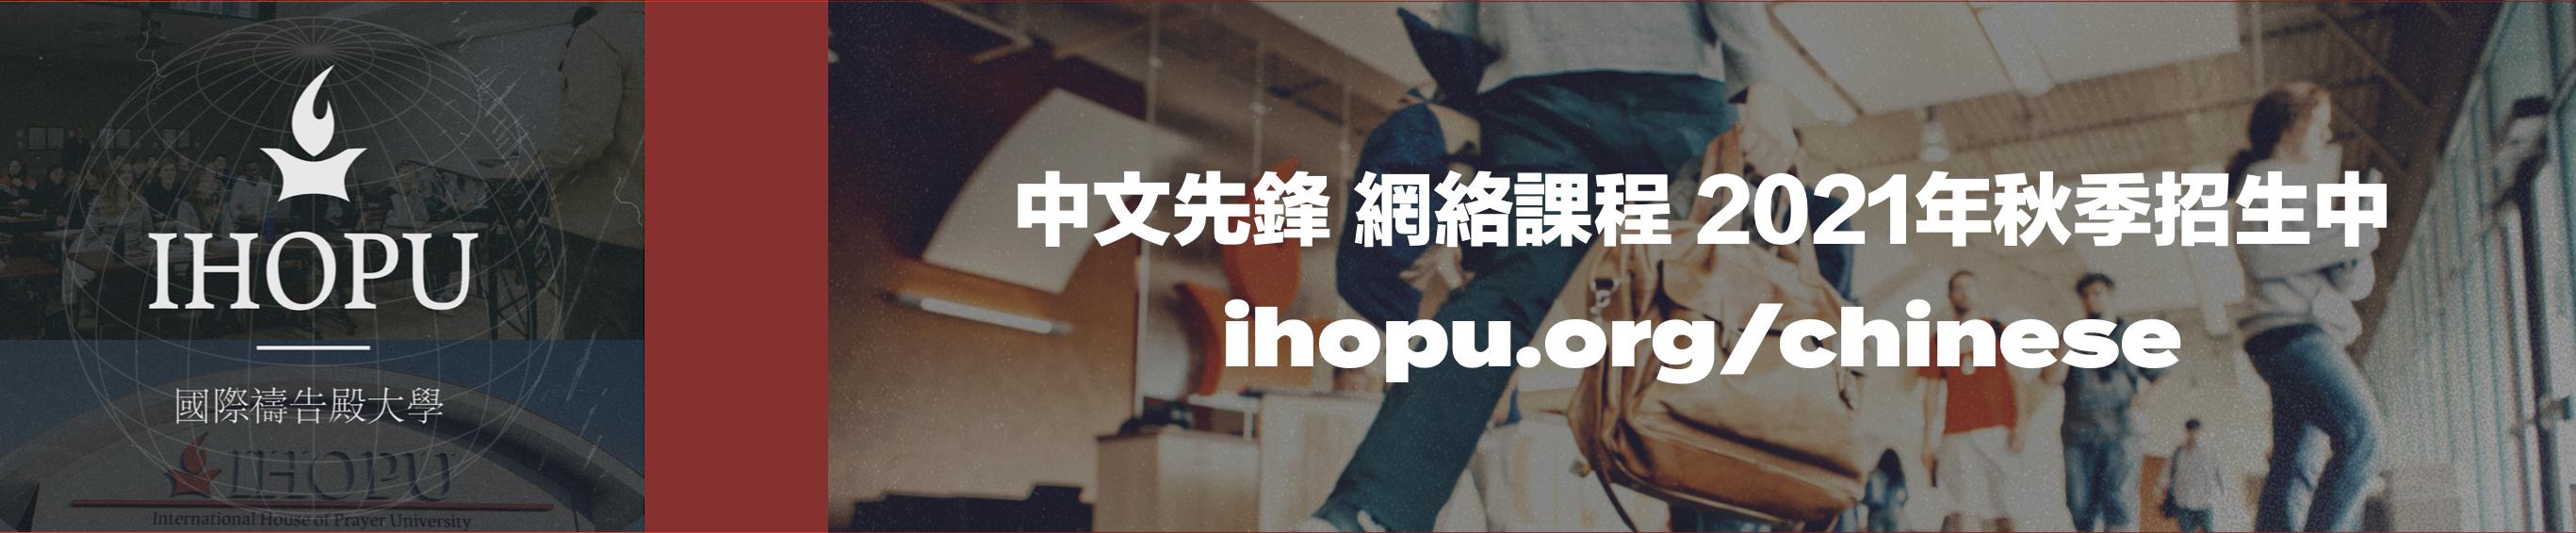 國際禱告殿大學 IHOPKC(7/20-26) 文章頭